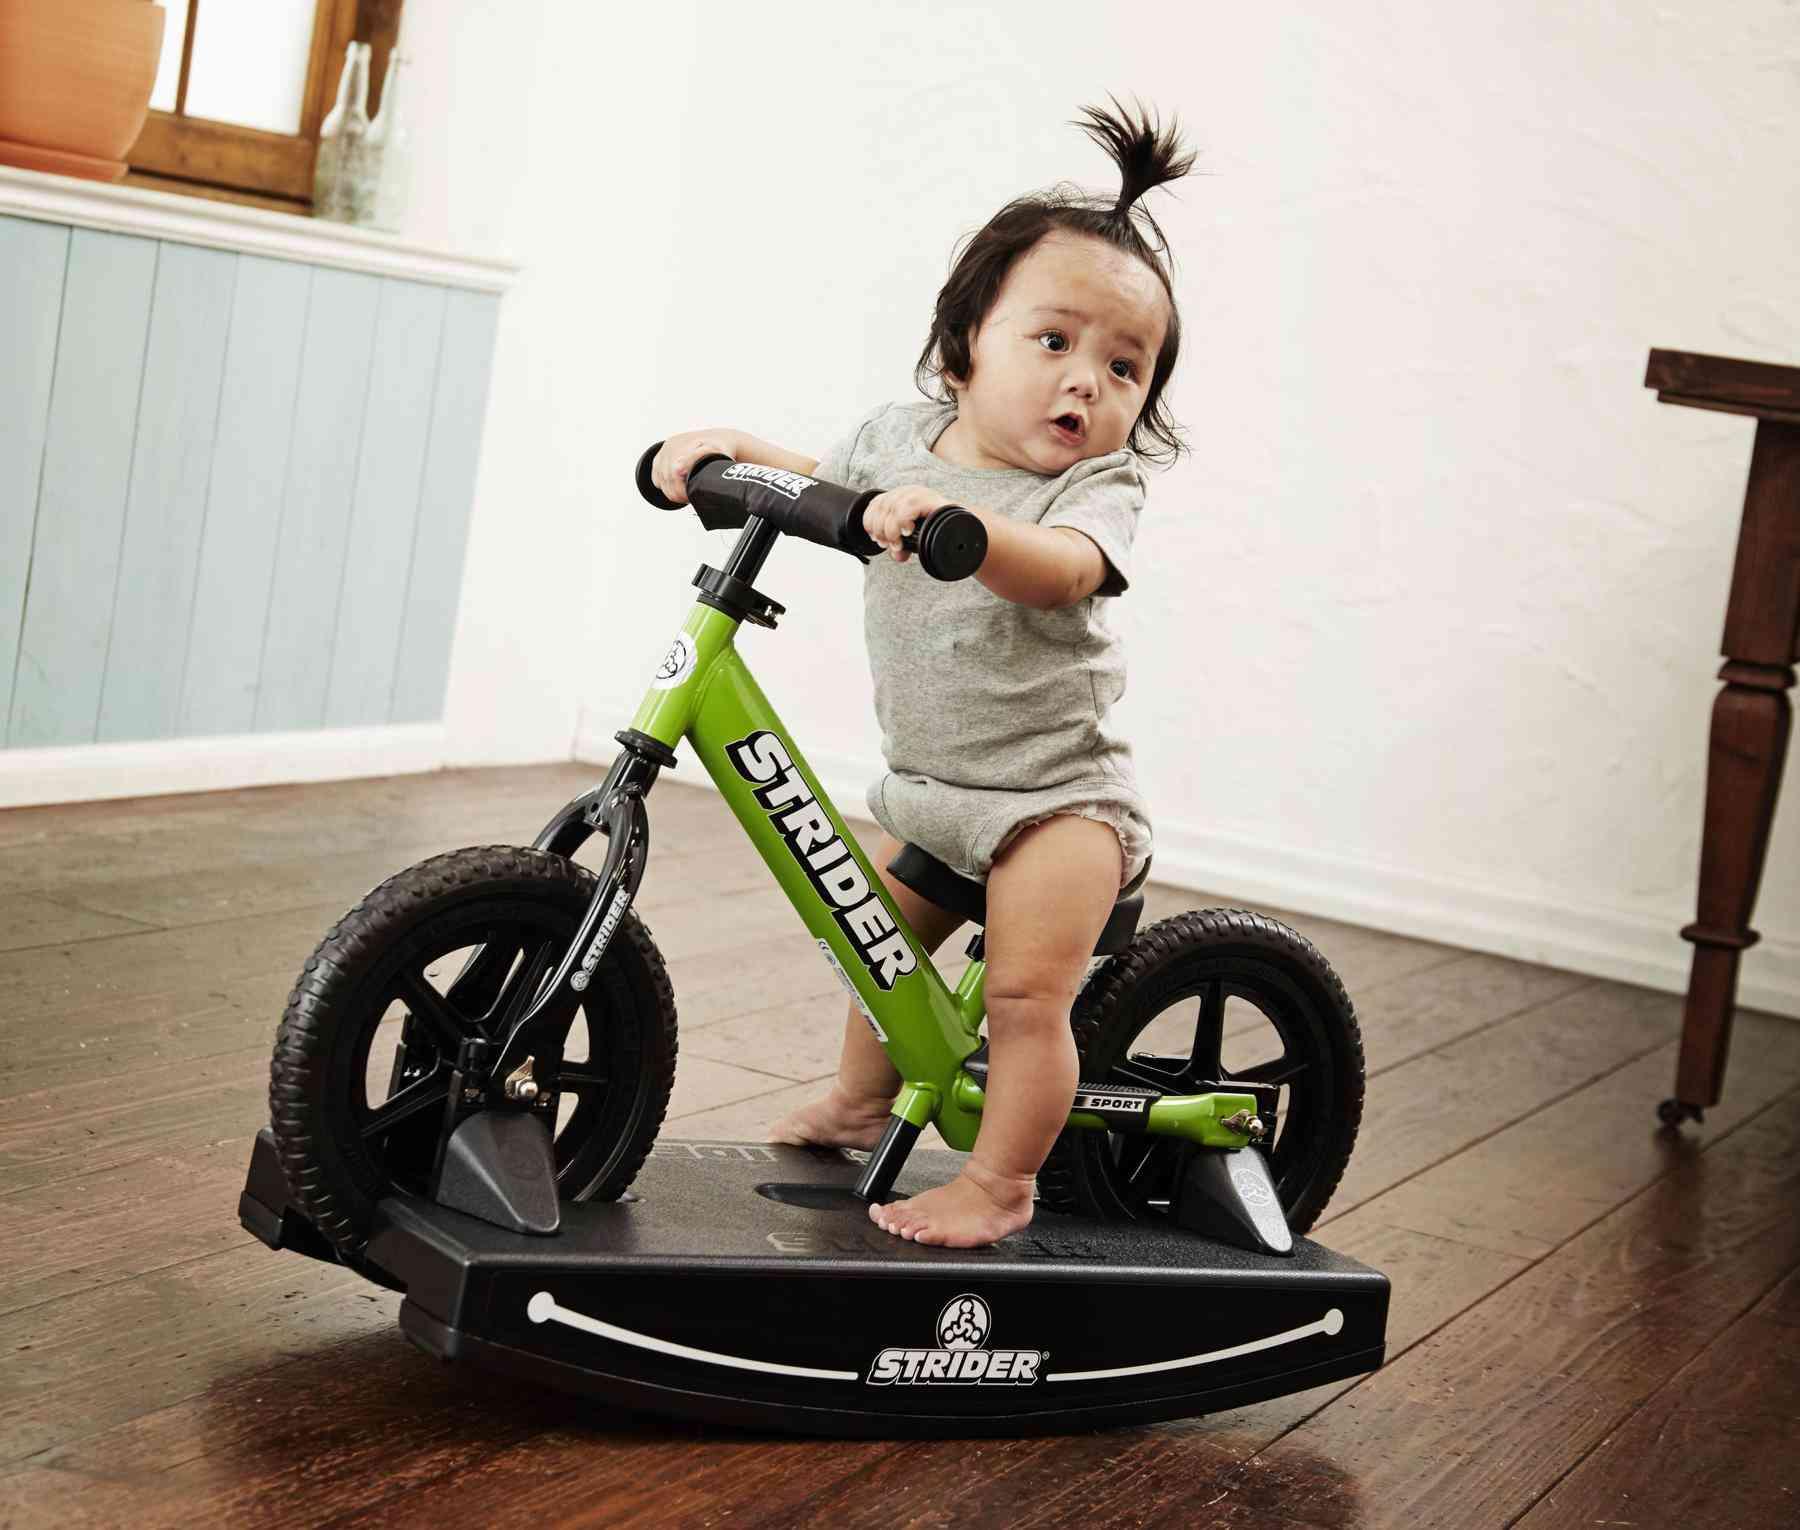 運動神経って遺伝?好奇心を刺激しバランス感覚を養う、たっちをしたらストライダー!